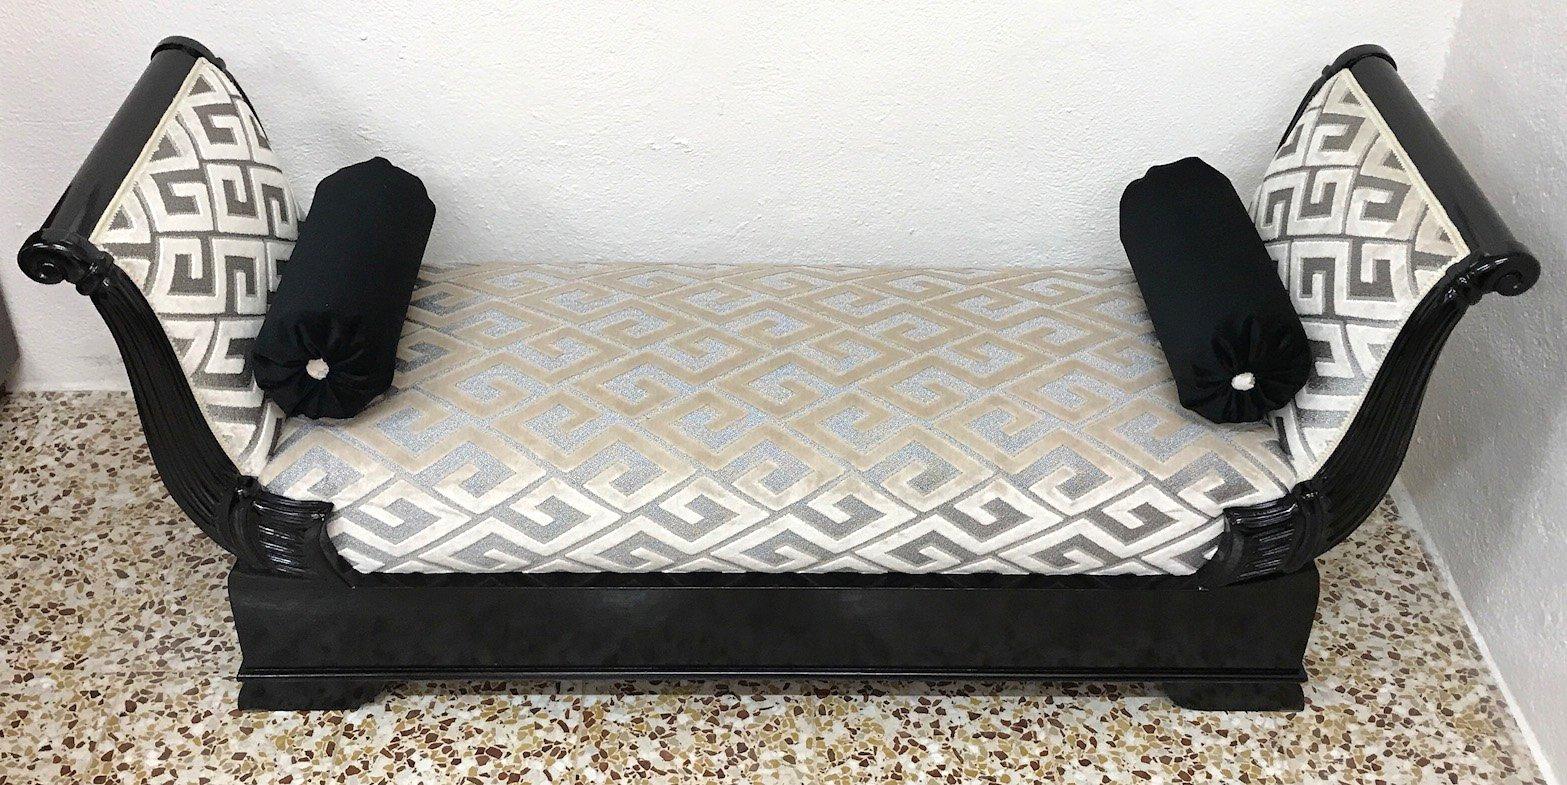 chaise longue italie 1950s en vente sur pamono. Black Bedroom Furniture Sets. Home Design Ideas